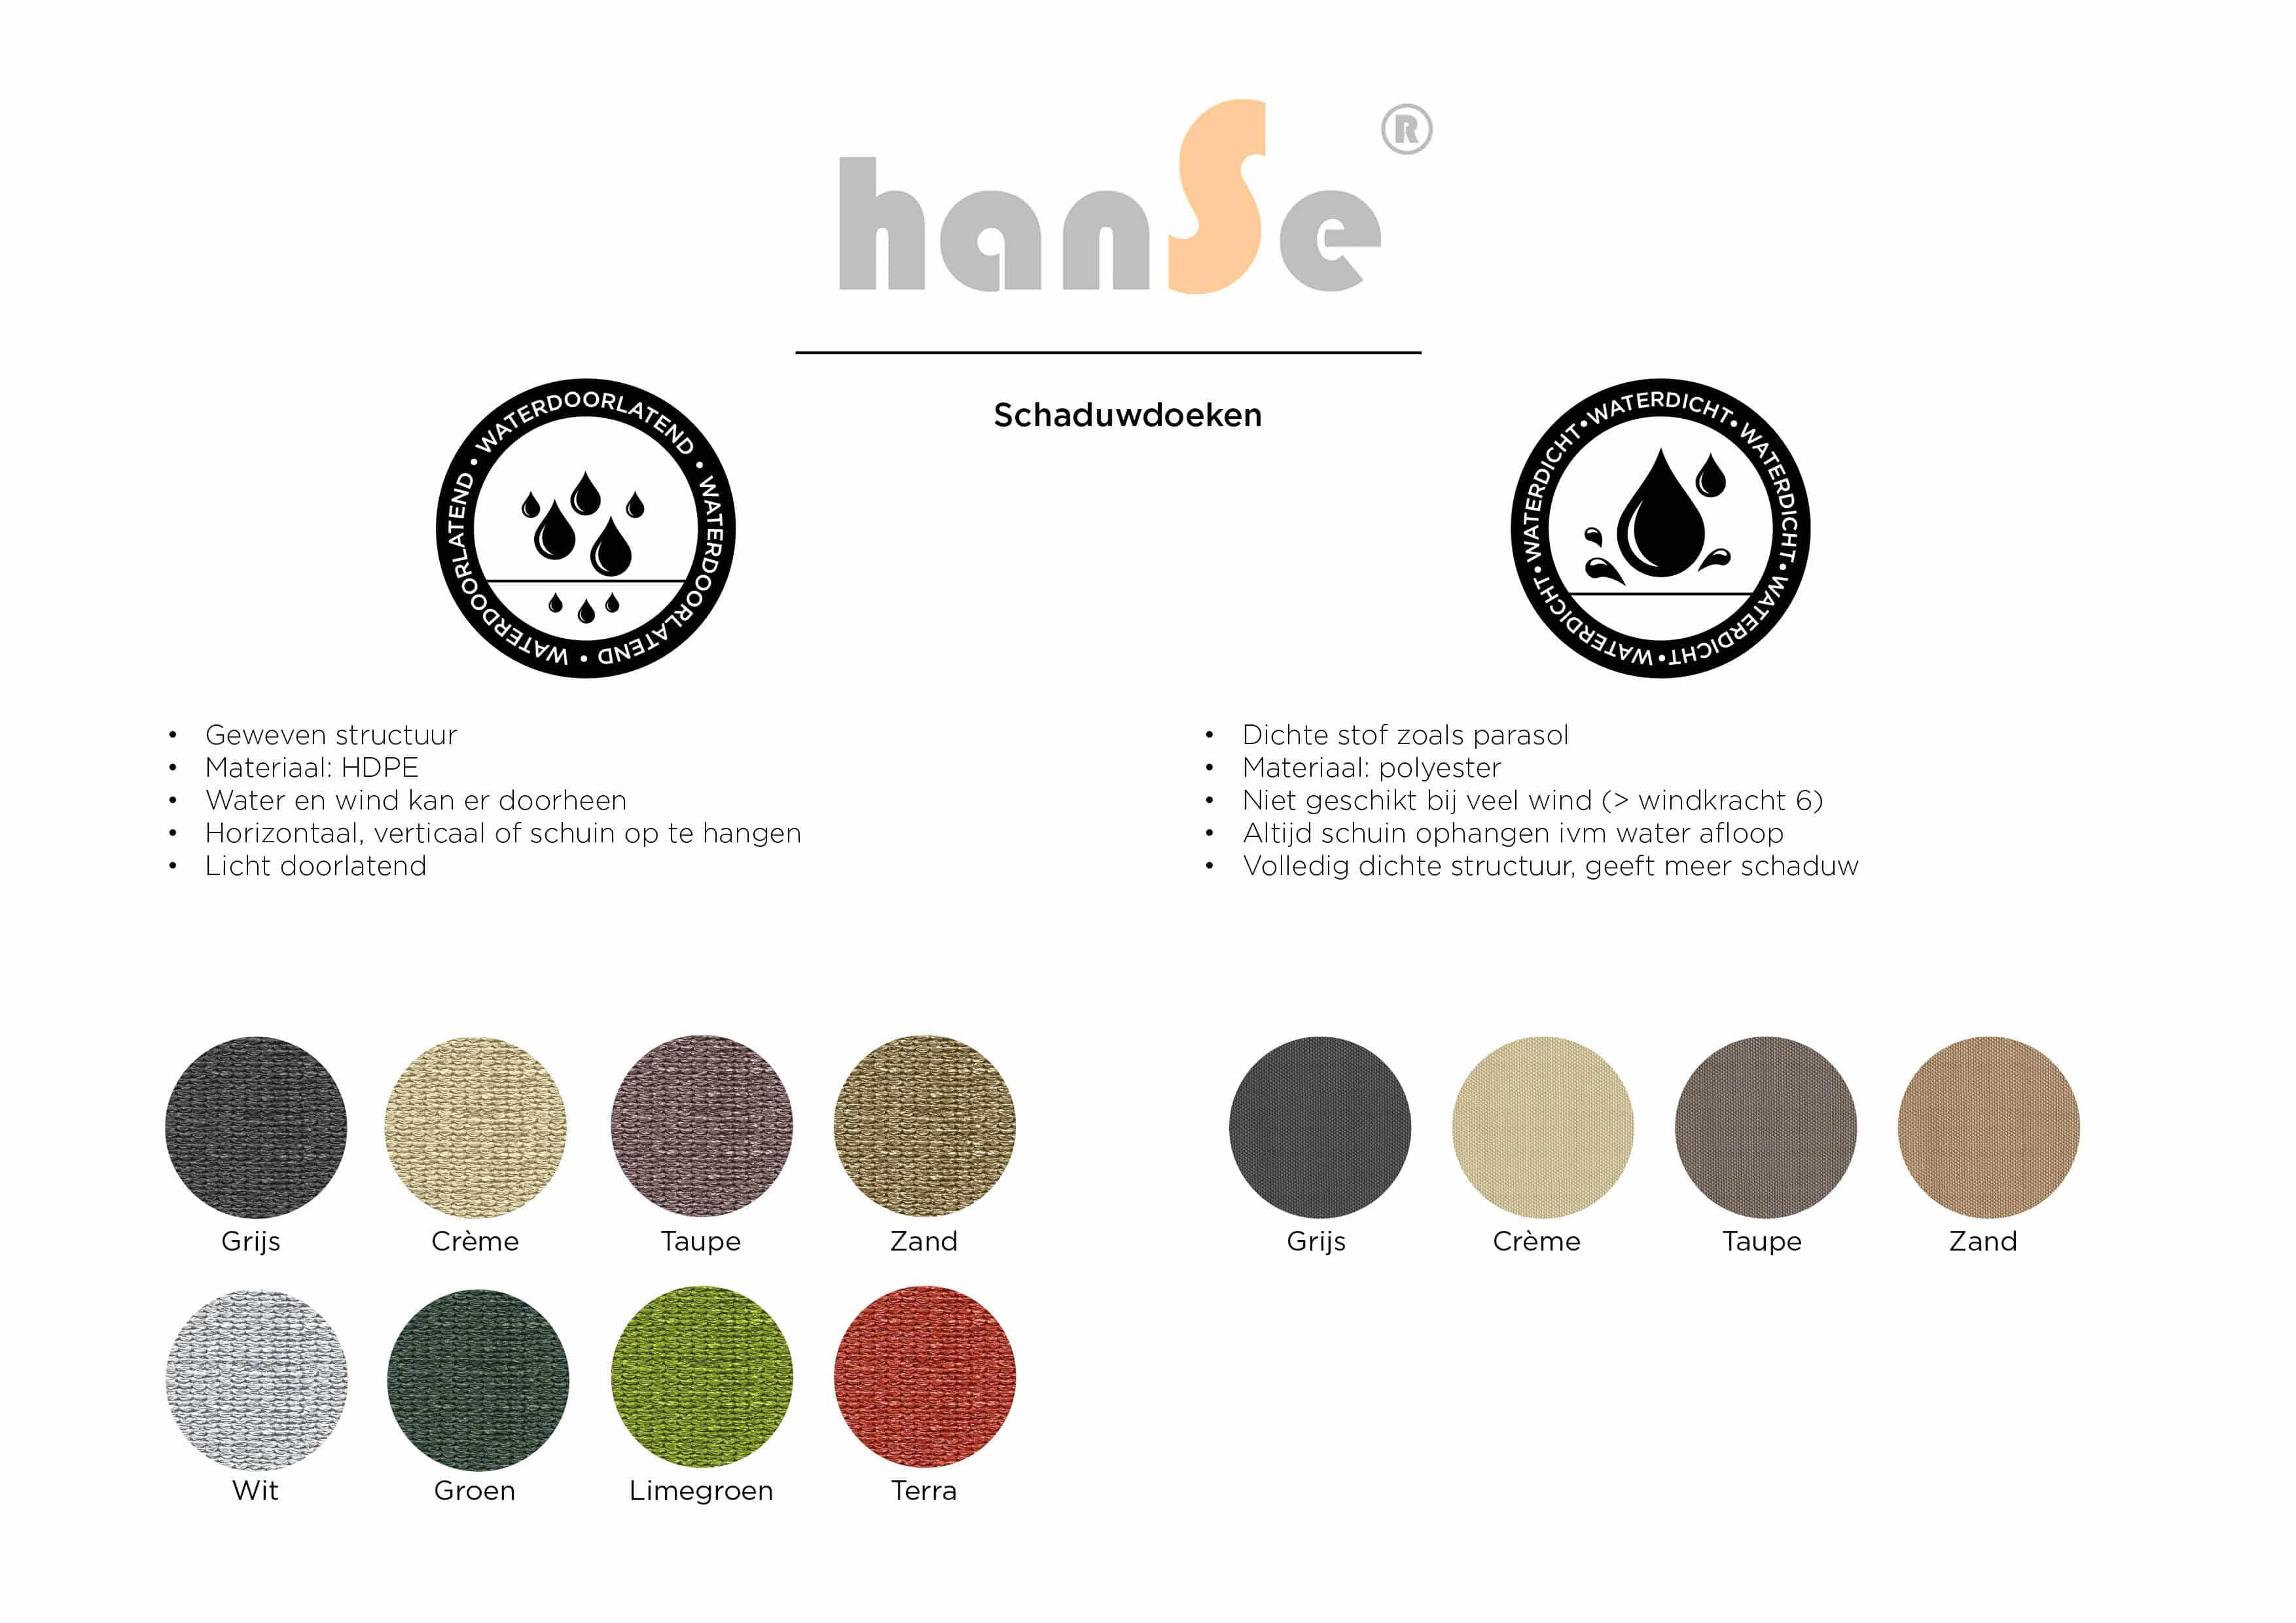 hanSe® Schaduwdoek Driehoek Gelijkbenig Waterdoorlatend 2,5x2,5x3,5 m - Terra